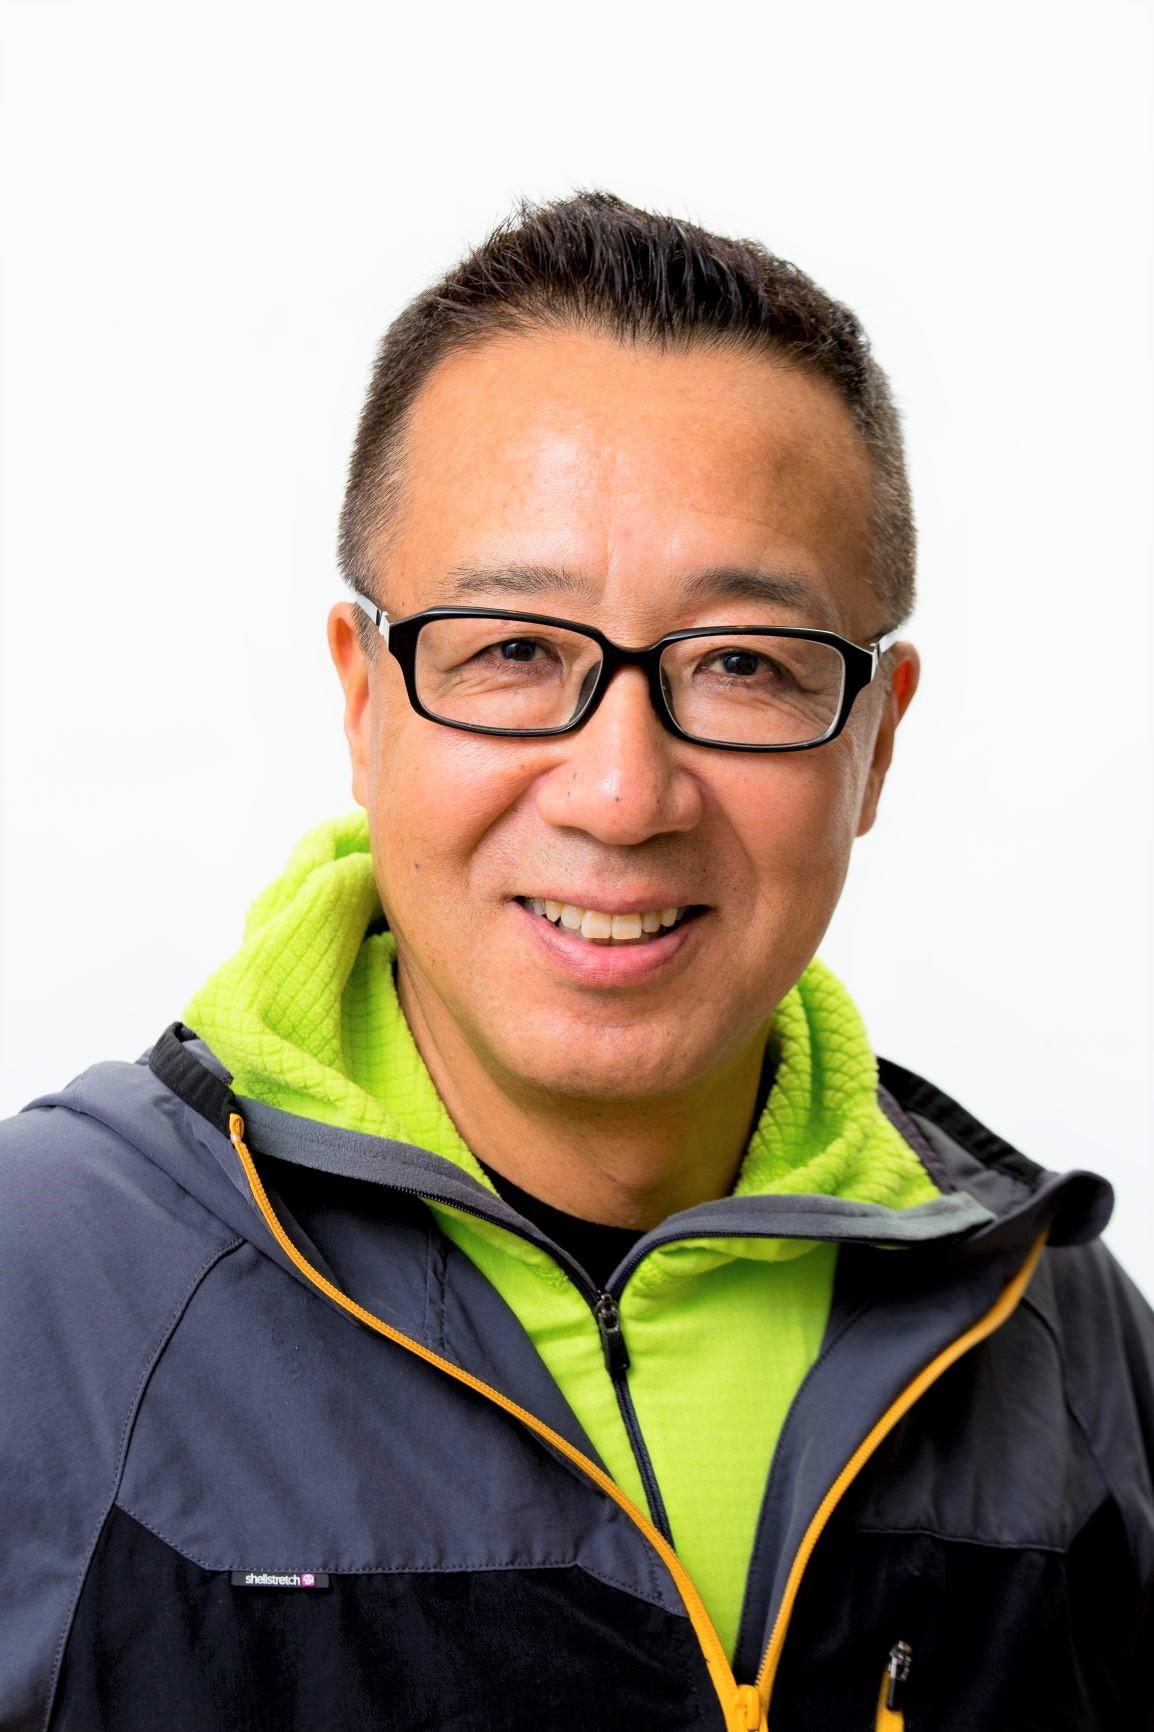 貫田 宗男(ぬきた・むねお)さん